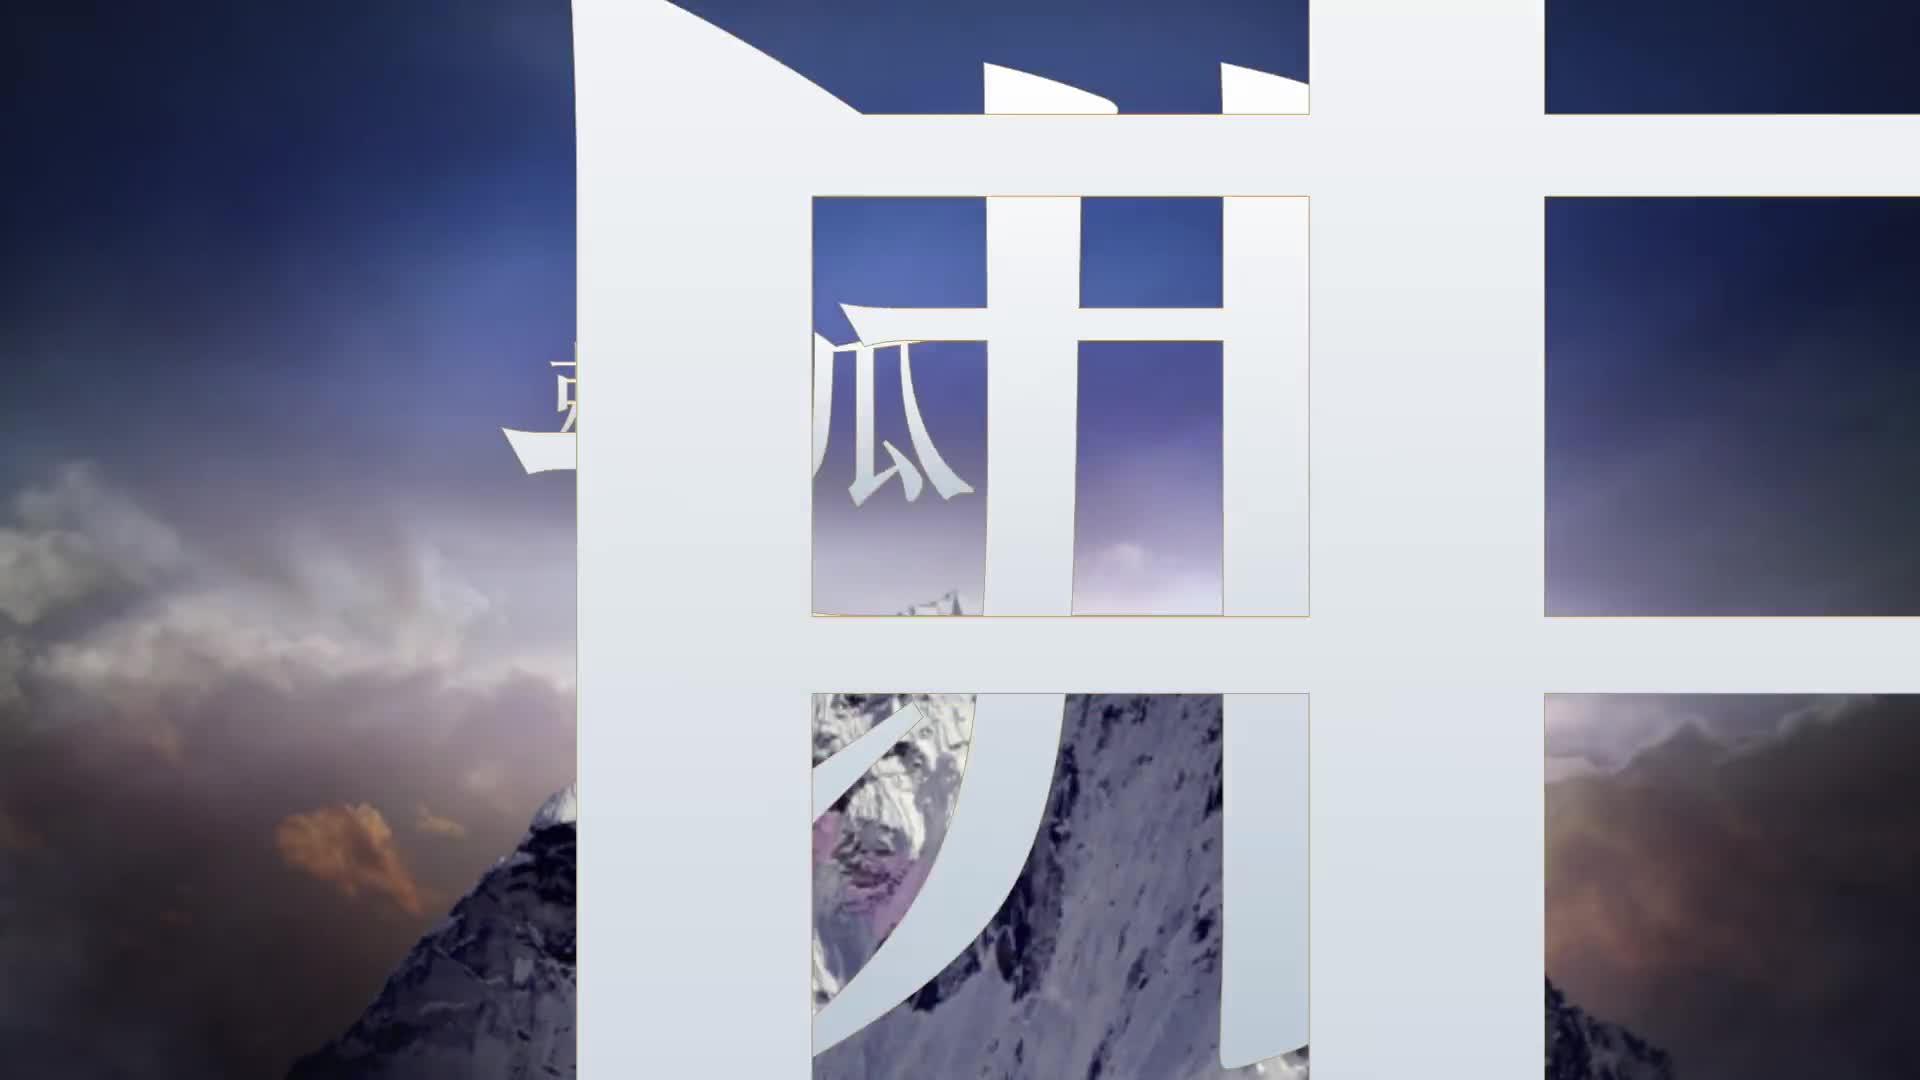 #经典看电影#【赖赖瓜】第48届奥斯卡金像奖作品《飞越疯人院》